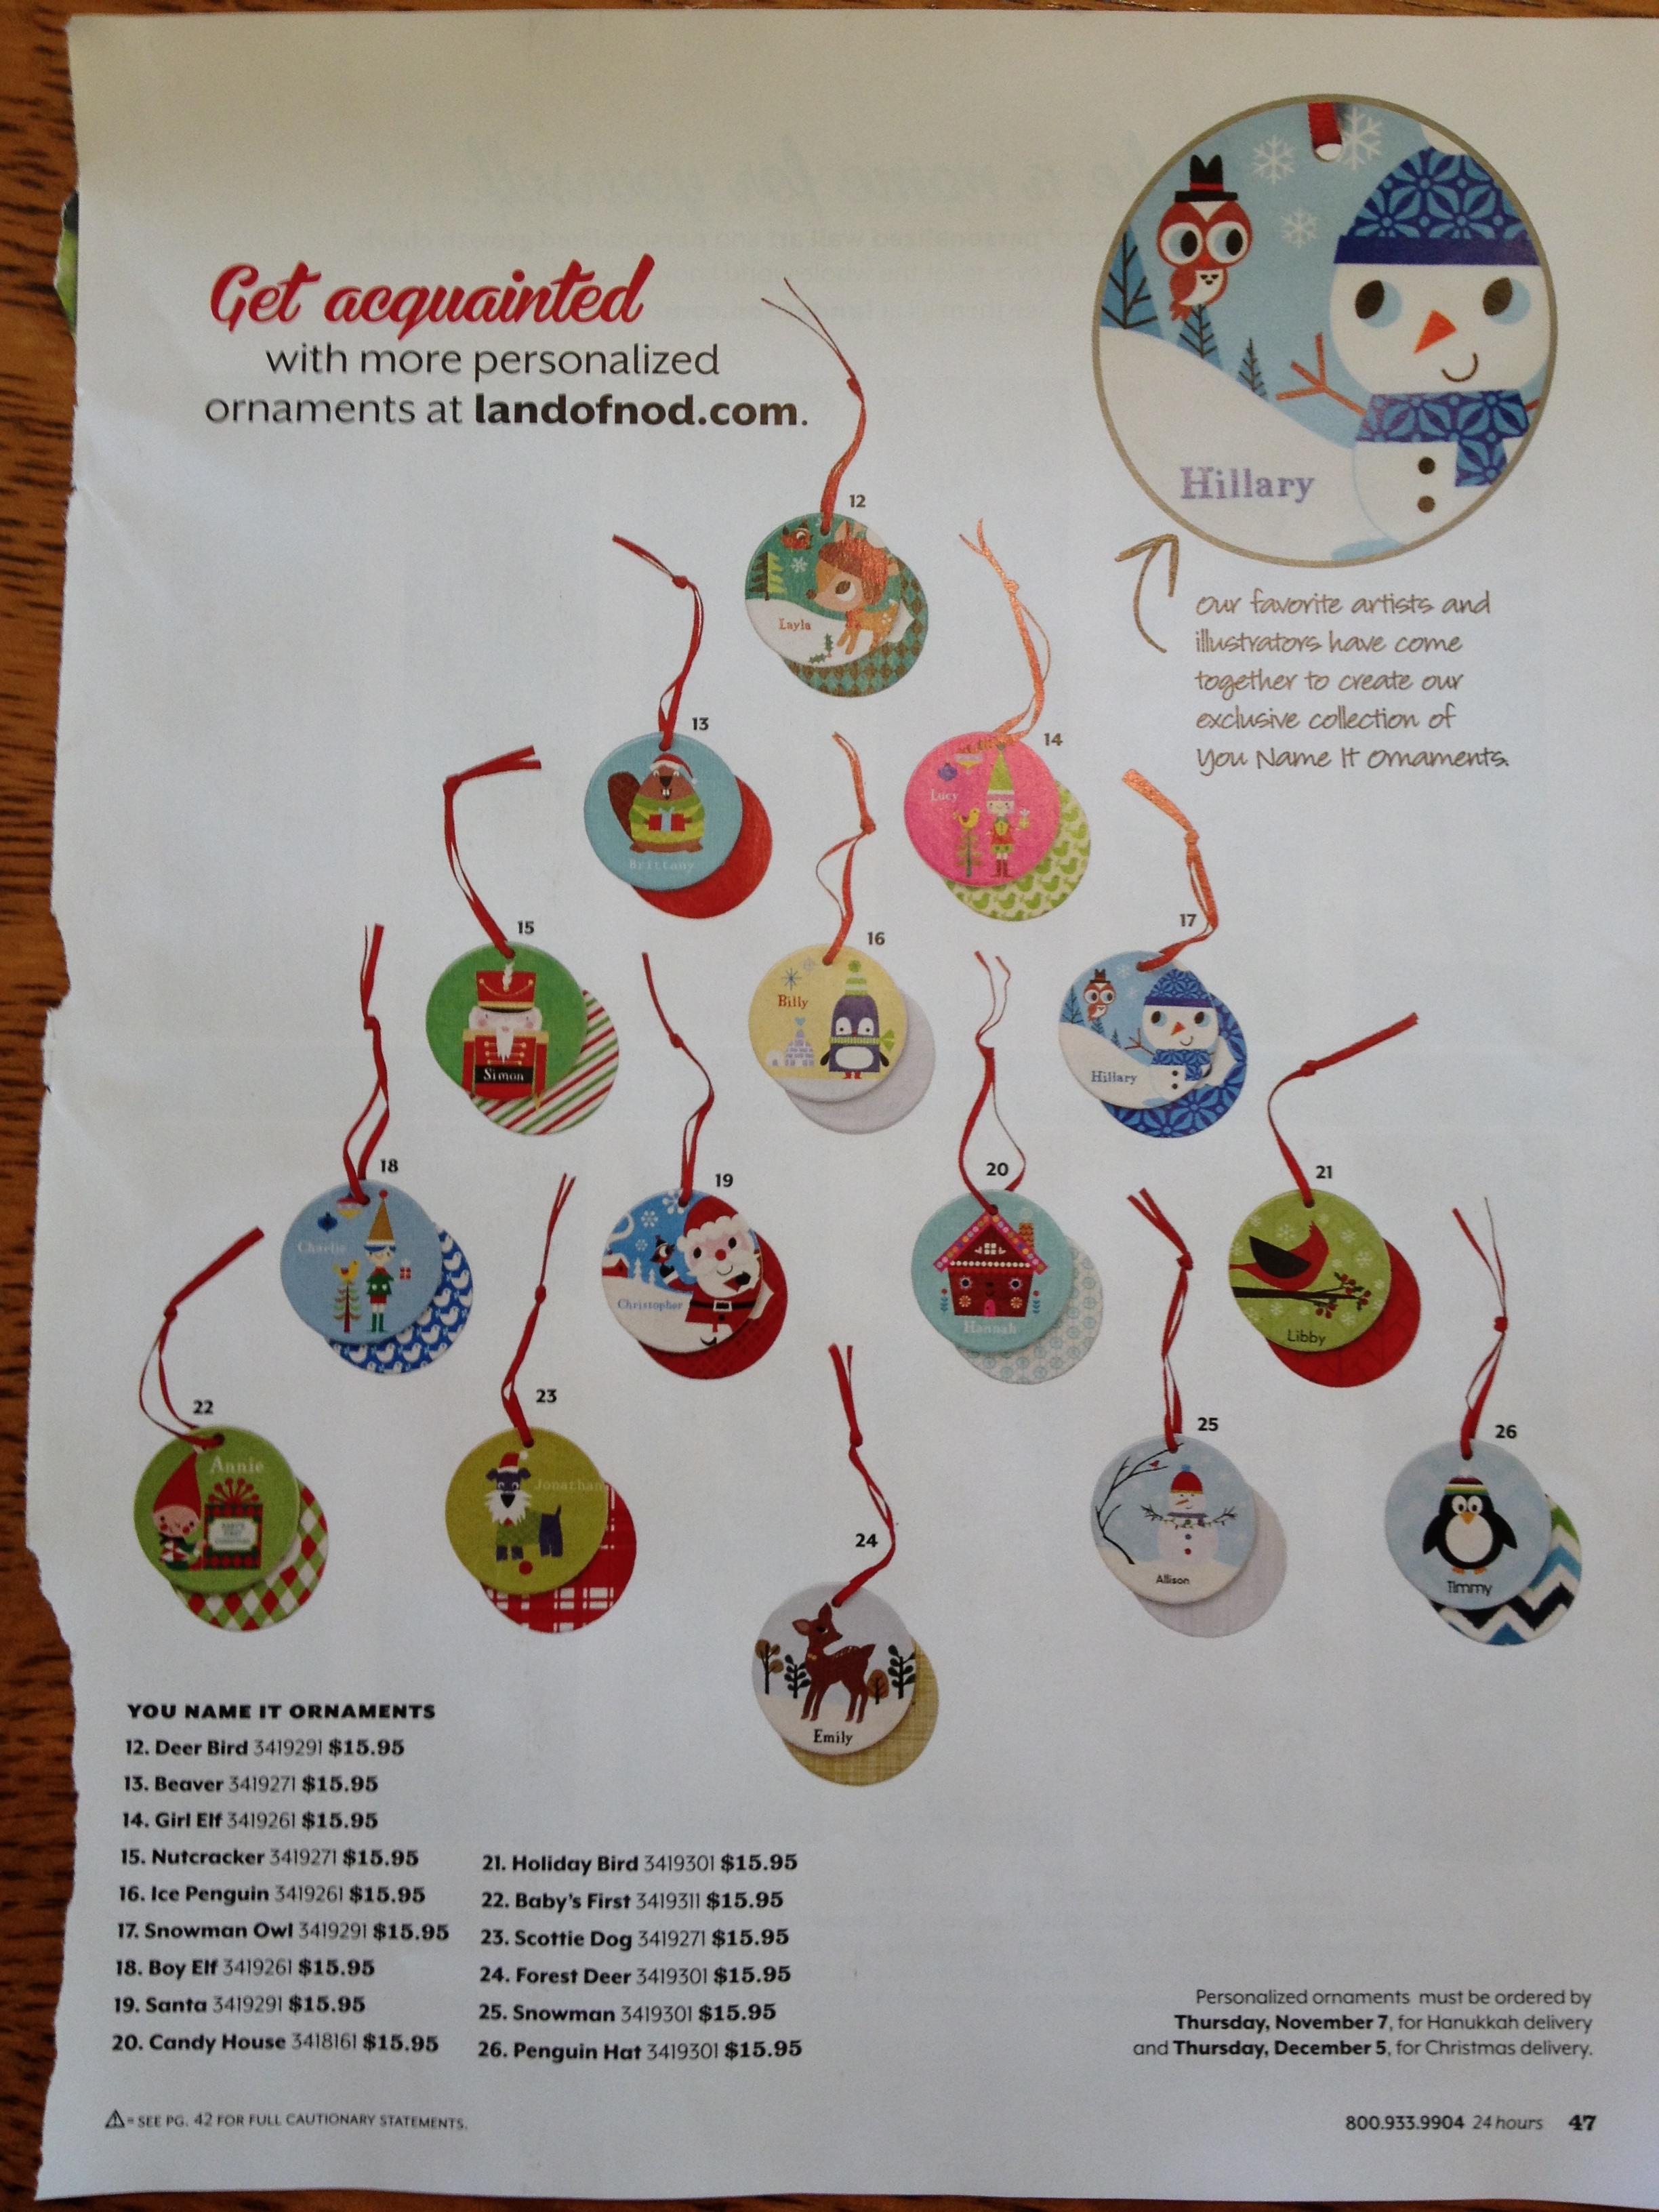 Christmas ornament catalogs - Inspiration